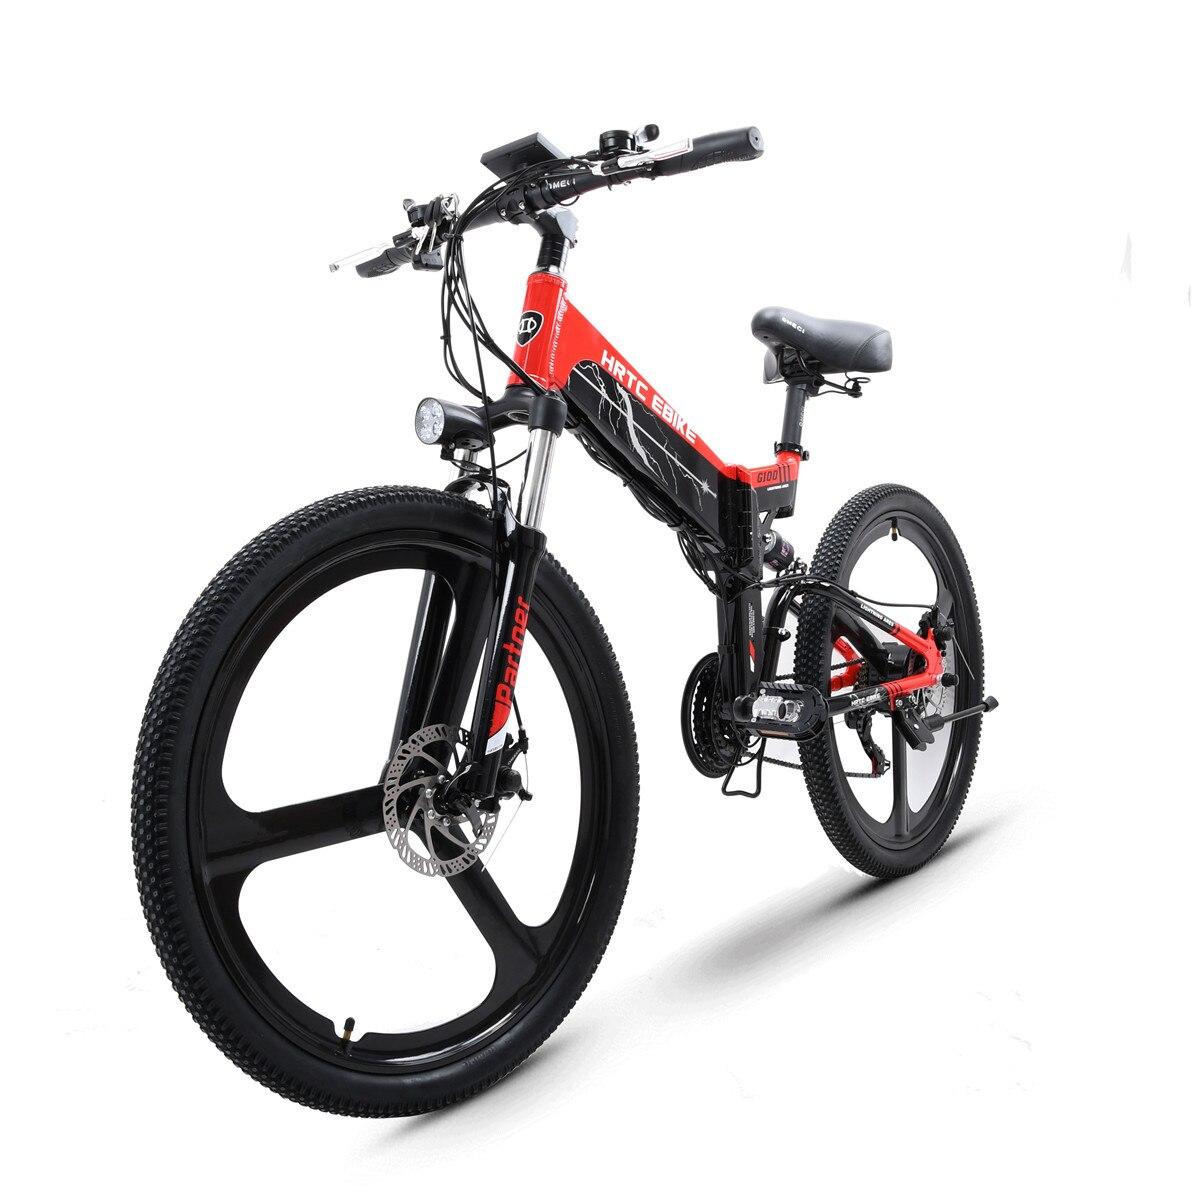 26 polegada de bicicleta montanha elétrica 48v400w alta velocidade do motor leve quadro escondido bateria lítio lcd3 ebike elétrico